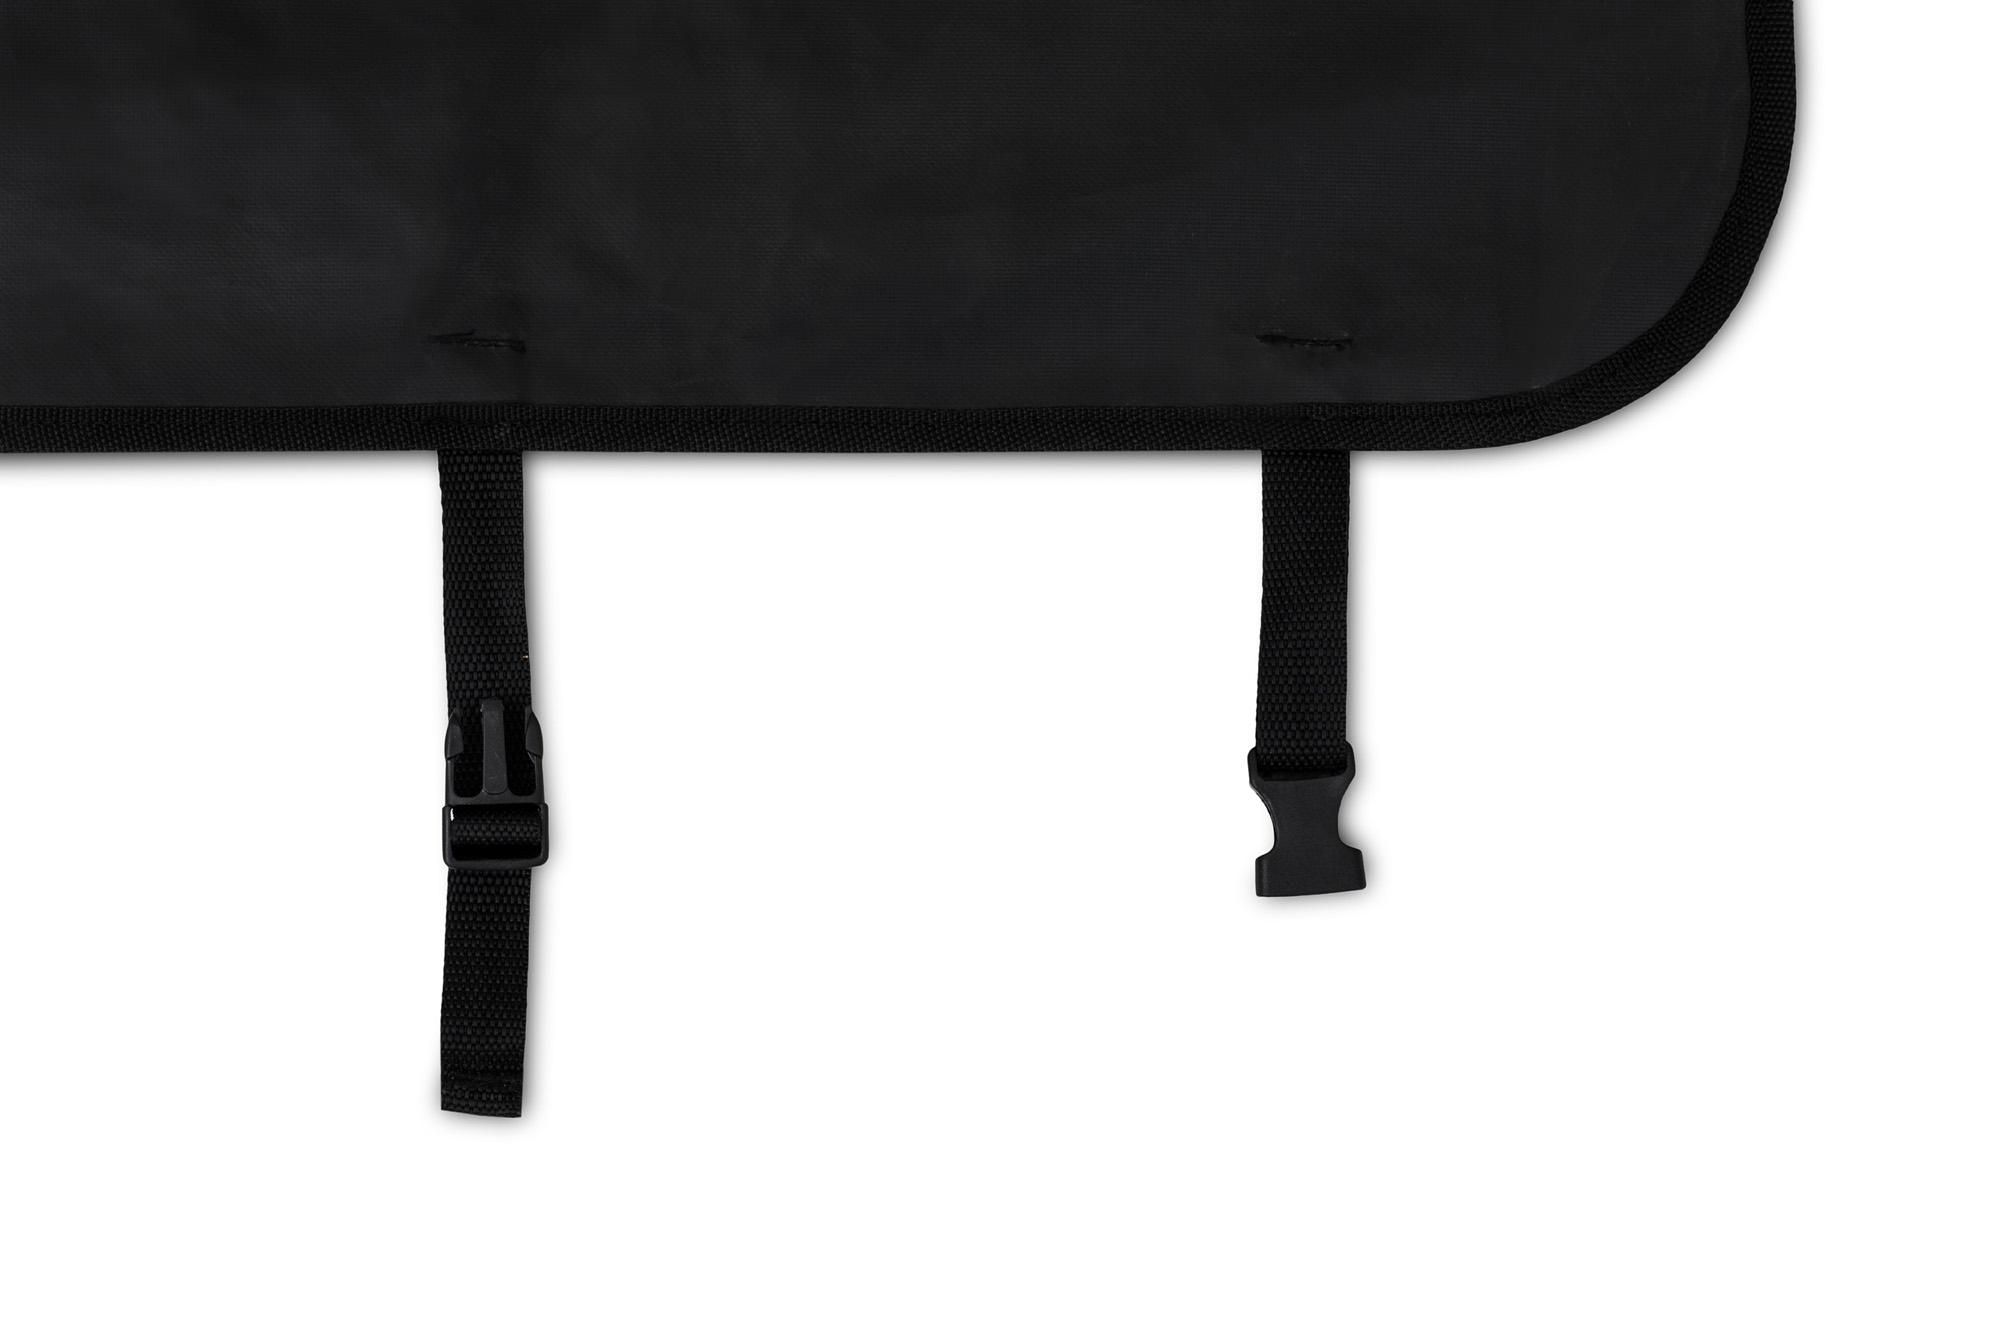 JOM 20697 Kofferraumschutz Hunde wasserabweisend rutschfest Kofferraumdecke mit Seitenschutz Kofferraumschutz Decke inkl Ladekantenschutz